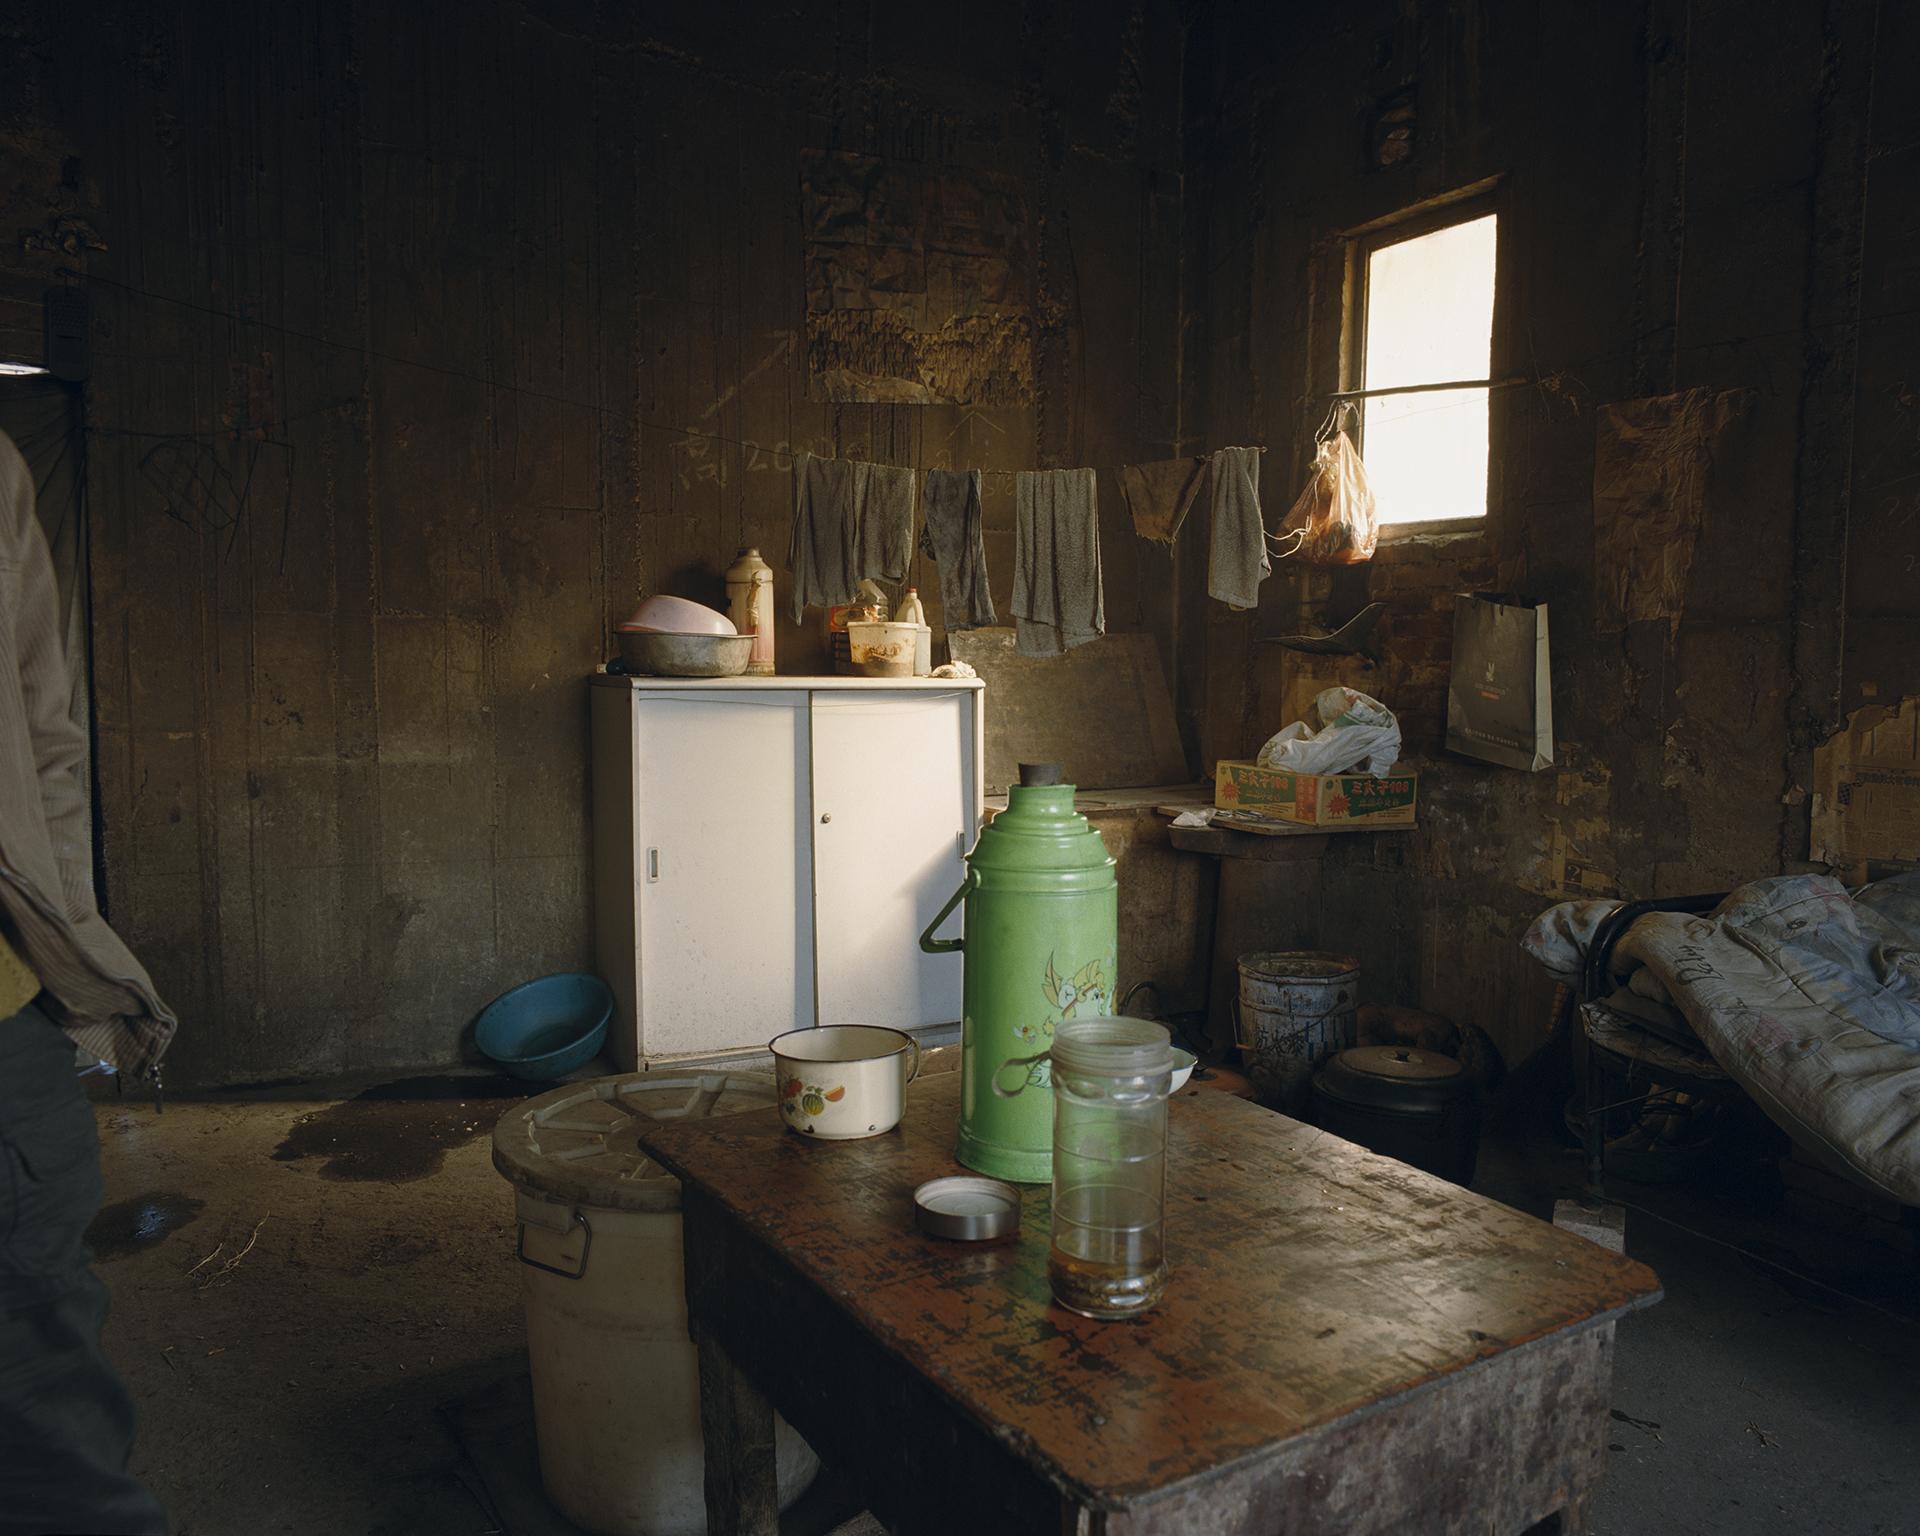 Beijing - the cupboard